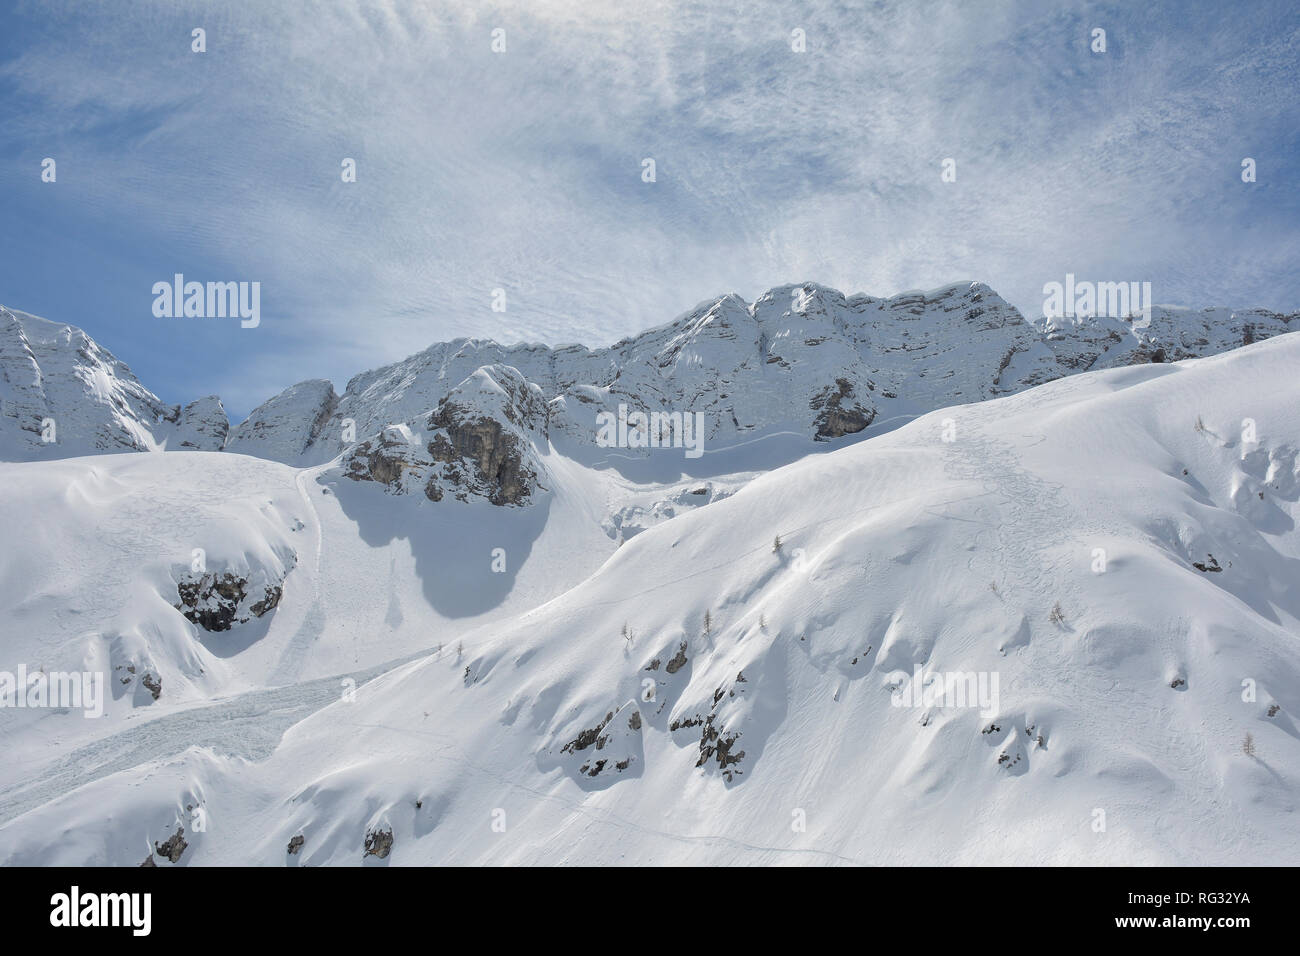 The slopes of Sella Nevea at the end of the ski season in early April, Friuli Venezia Giulia, north east Italy Stock Photo